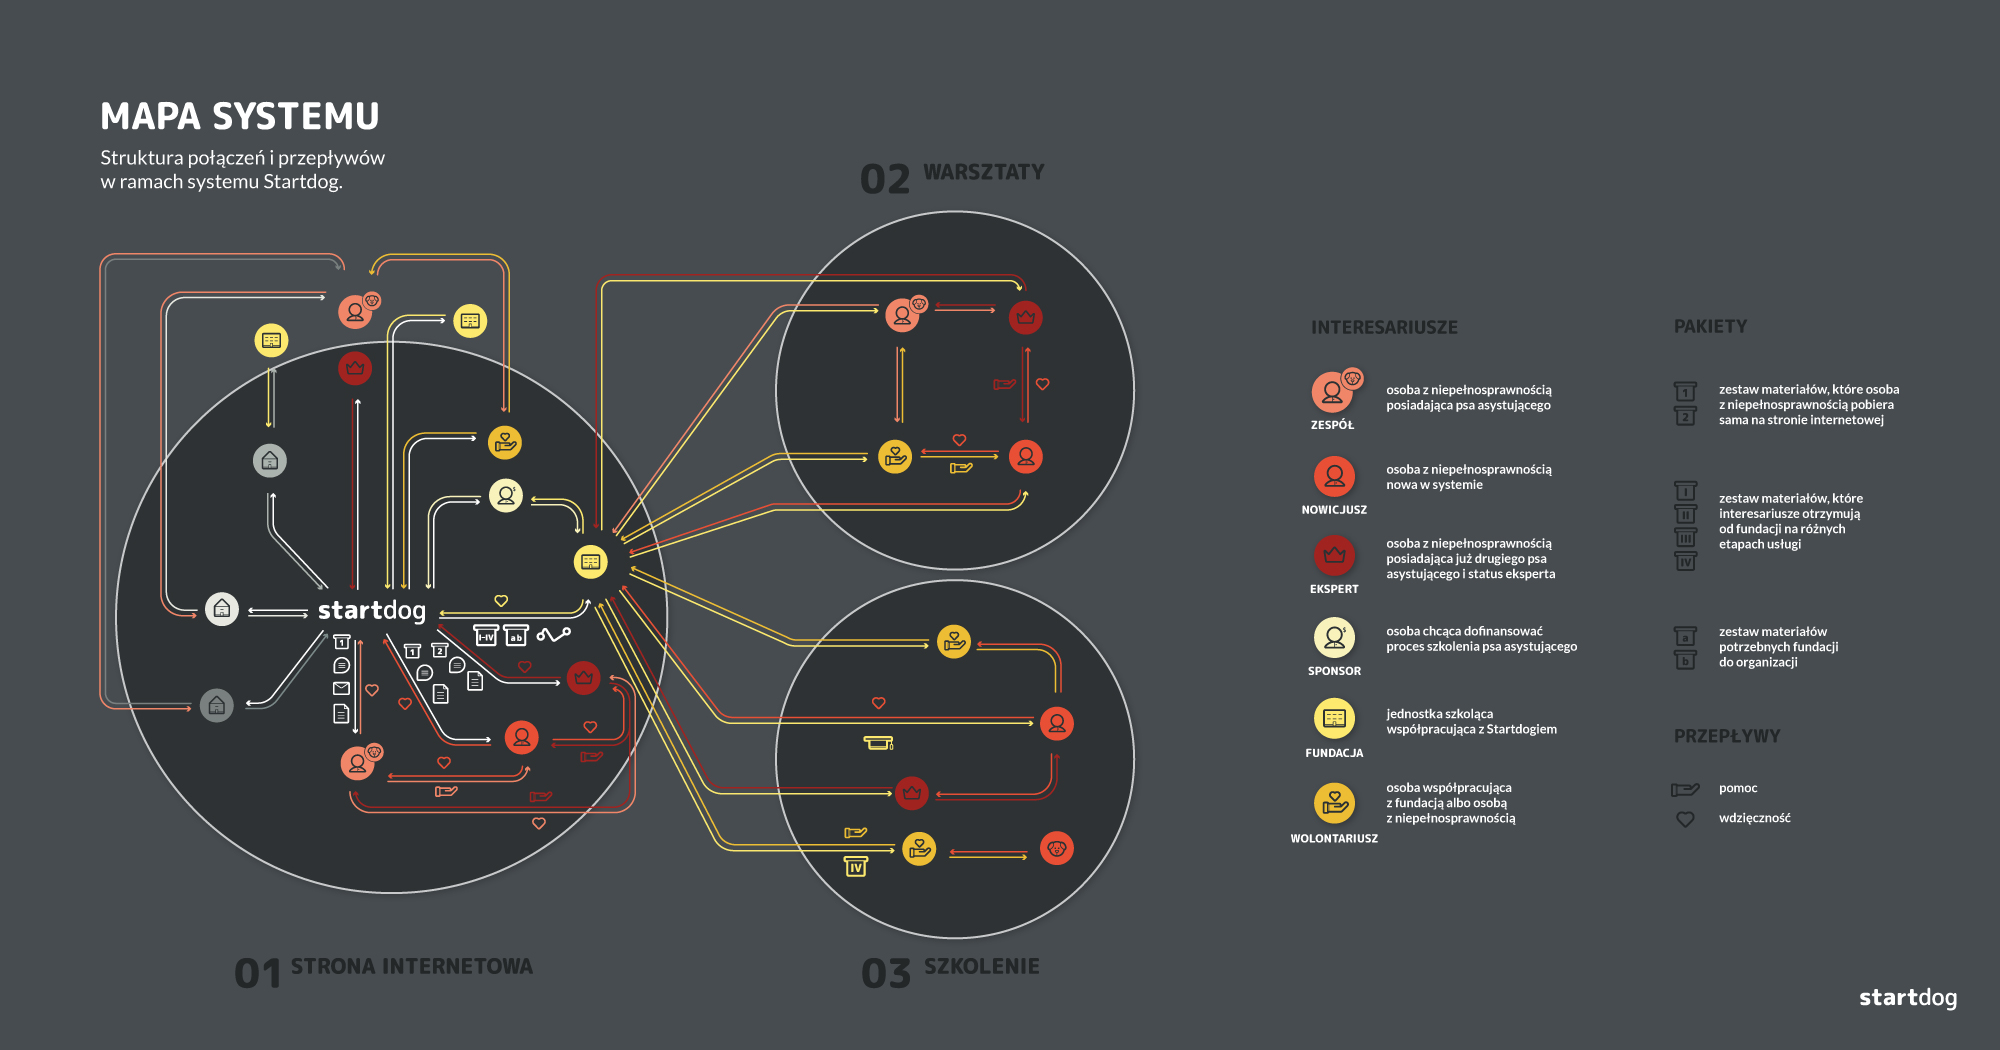 """Na ilustracji znajduje się infografika. W lewym górnym rogu pojawia się napis """"Mapa systemu. Struktura połączeń i przepływów w ramach systemu Startdog"""". W centrum ilustracji znajduje się infografika, która składa się z piktogramów połączonych liniami wychodzącymi od napisu""""Startdog"""". Linie przechodzą pomiędzy poszczególnymi piktogramami, w ramach trzech obszarów zaznaczonych kołami: obszar strony internetowej obszar warsztatów obszar szkolenia Po prawej stronie znajduje się legenda, podzielona na dwie kolumny: """"interesariusze"""" oraz """"pakiety"""". W ramach legendy wytłumaczone są niektóre z piktogramów, które pojawiają się na infografice w centrum ilustracji. W ramach kolumny interesariusze pojawiają się piktogramy z podpisami. Kolejno: zespół – osoba z niepełnosprawnością posiadająca psa asystującego nowicjusz – osoba z niepełnosprawnością nowa w systemie ekspert – osoba z niepełnosprawnością posiadająca już drugiego psa asystującego i status eksperta sponsor – osoba chcąca dofinansować proces szkolenia psa asystującego fundacja – jednostka szkoląca współpracująca z Startdog wolontariusz – osoba współpracująca z fundacją albo osobą z niepełnosprawnością W ramach kolumny """"pakiety"""" znajdują się kolejno piktogramy z wyjaśnieniem: piktogram pudełka z cyframi 1 i 2 – zestaw materiałów, które osoba z niepełnosprawnością pobiera sama na stronie internetowej piktogram pudełka z cyframi rzymskimi 1 do 4 – zestaw materiałów, które interesariusze otrzymują od fundacji na różnych etapach usługi piktogram pudełka z literami a, b – zestaw materiałów potrzebnych fundacji do organizacji"""